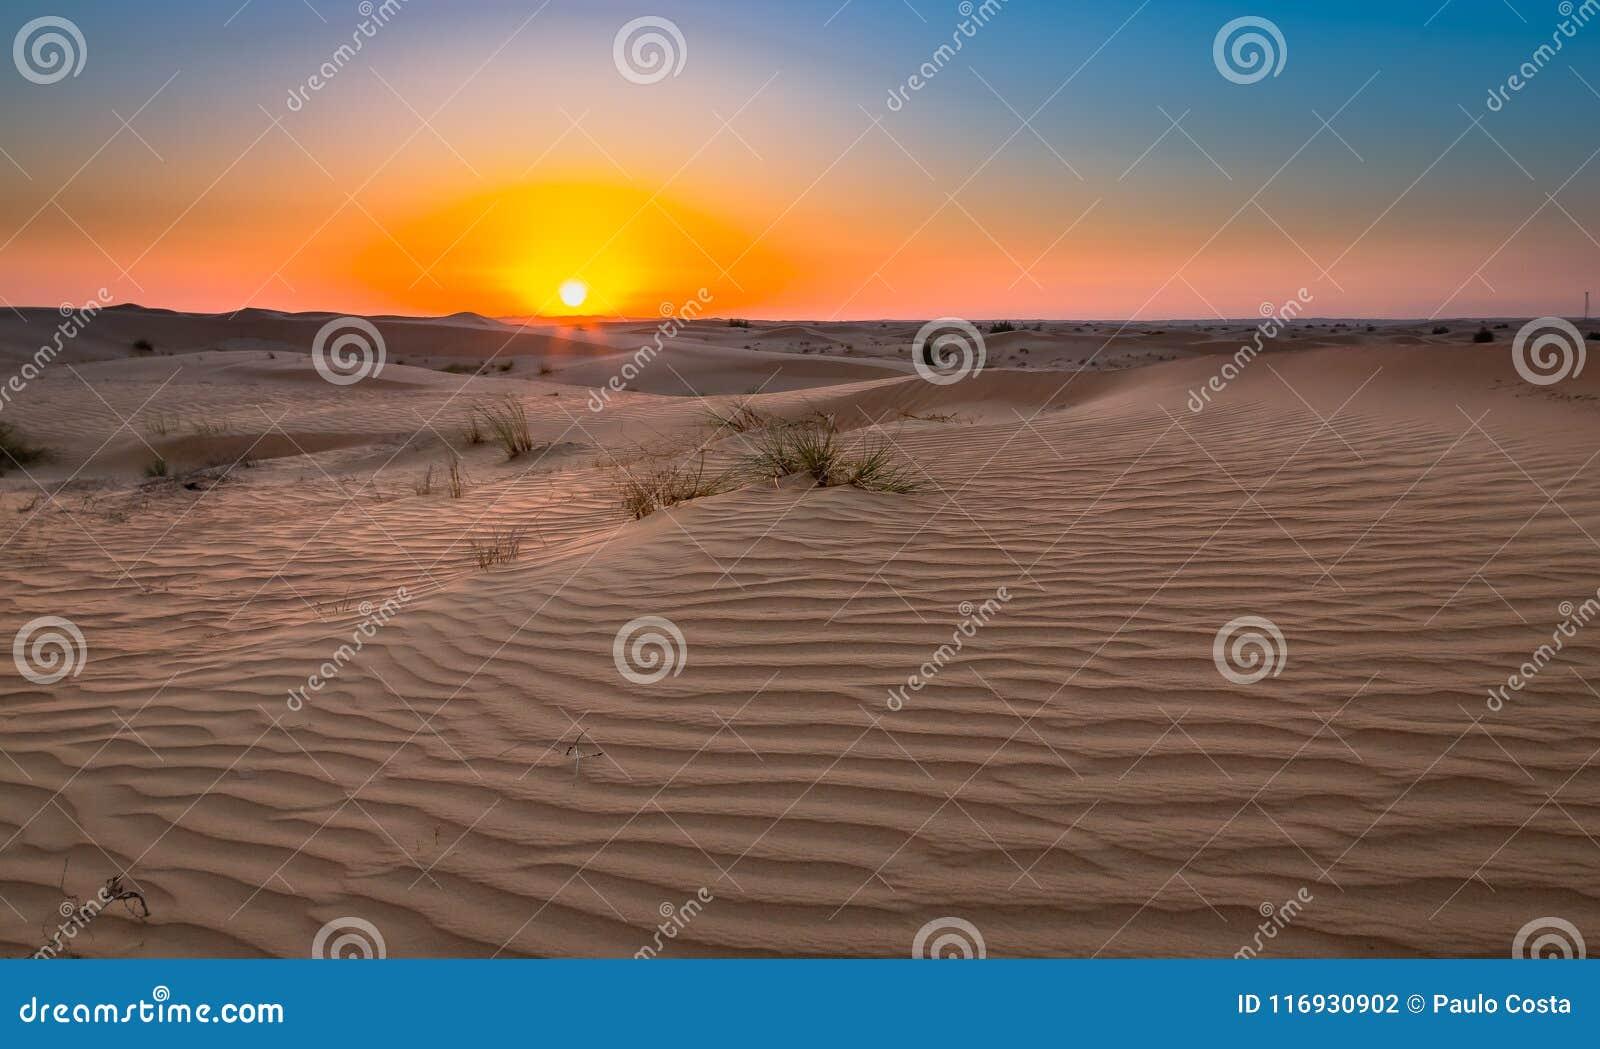 Έκθεση ηλιοβασιλέματος ερήμων κοντά στο Ντουμπάι, Ηνωμένα Αραβικά Εμιράτα